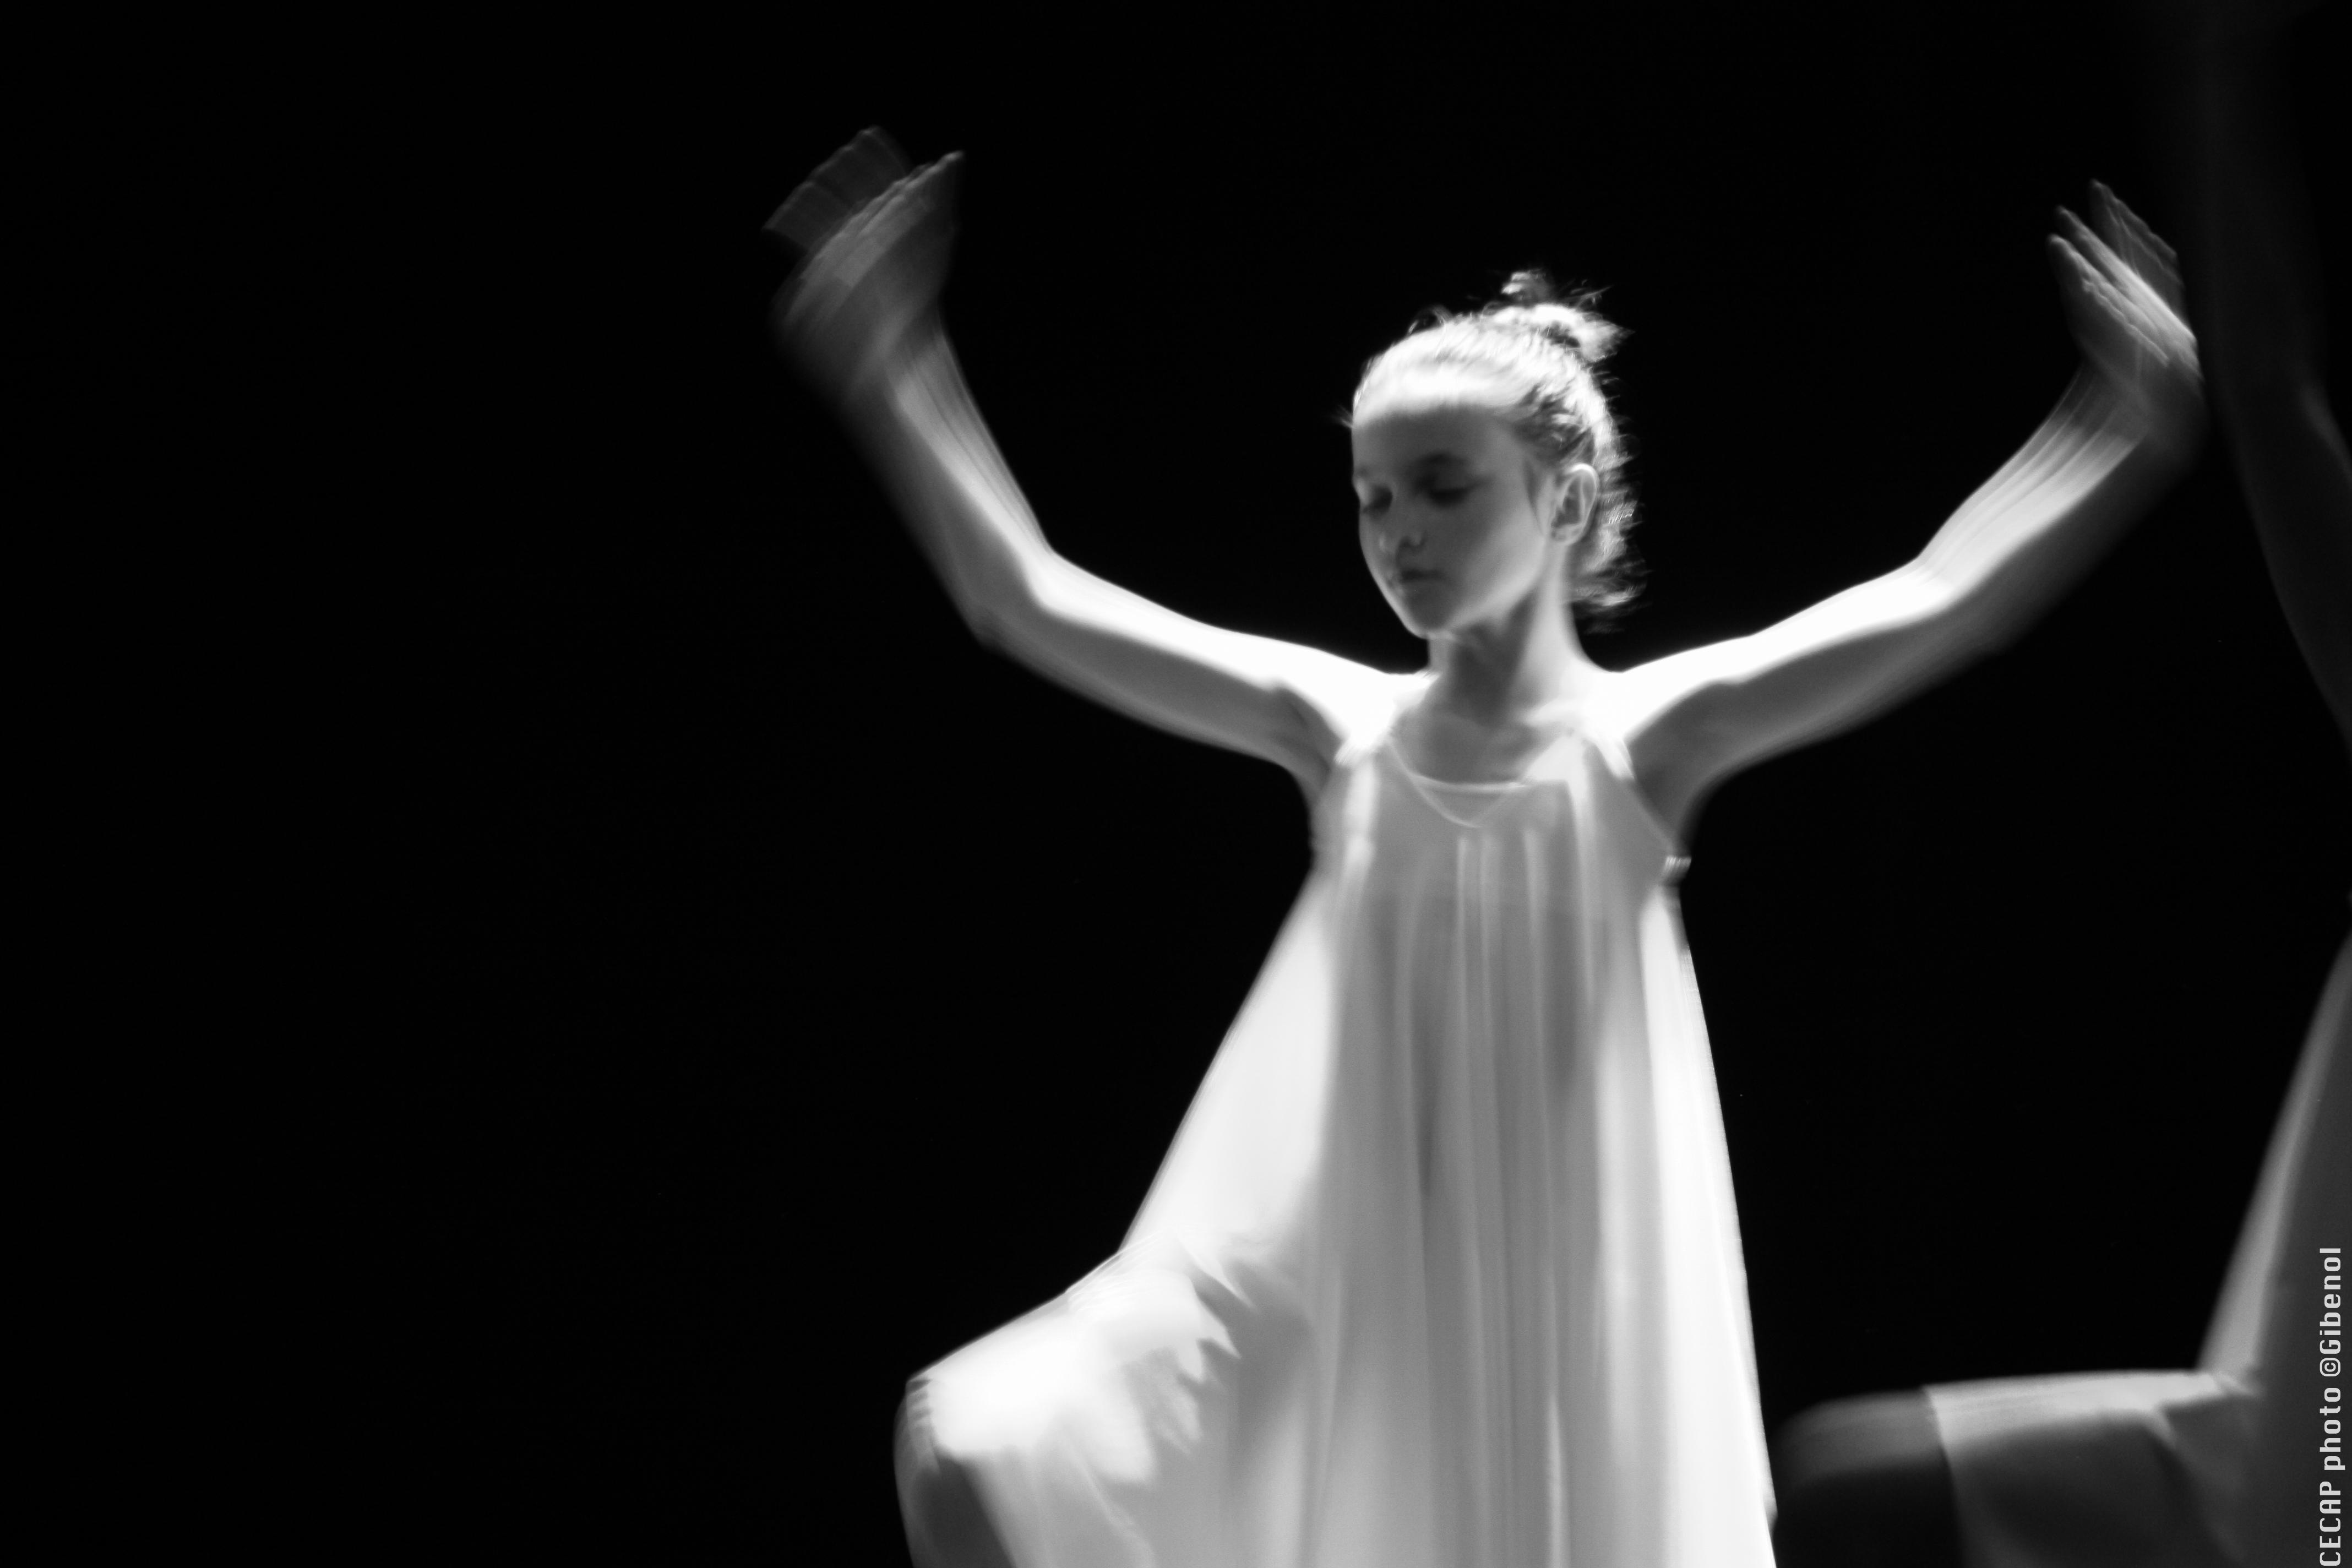 Jeune fille en train de dansée - Spectacle de danse du CECAP Lorient